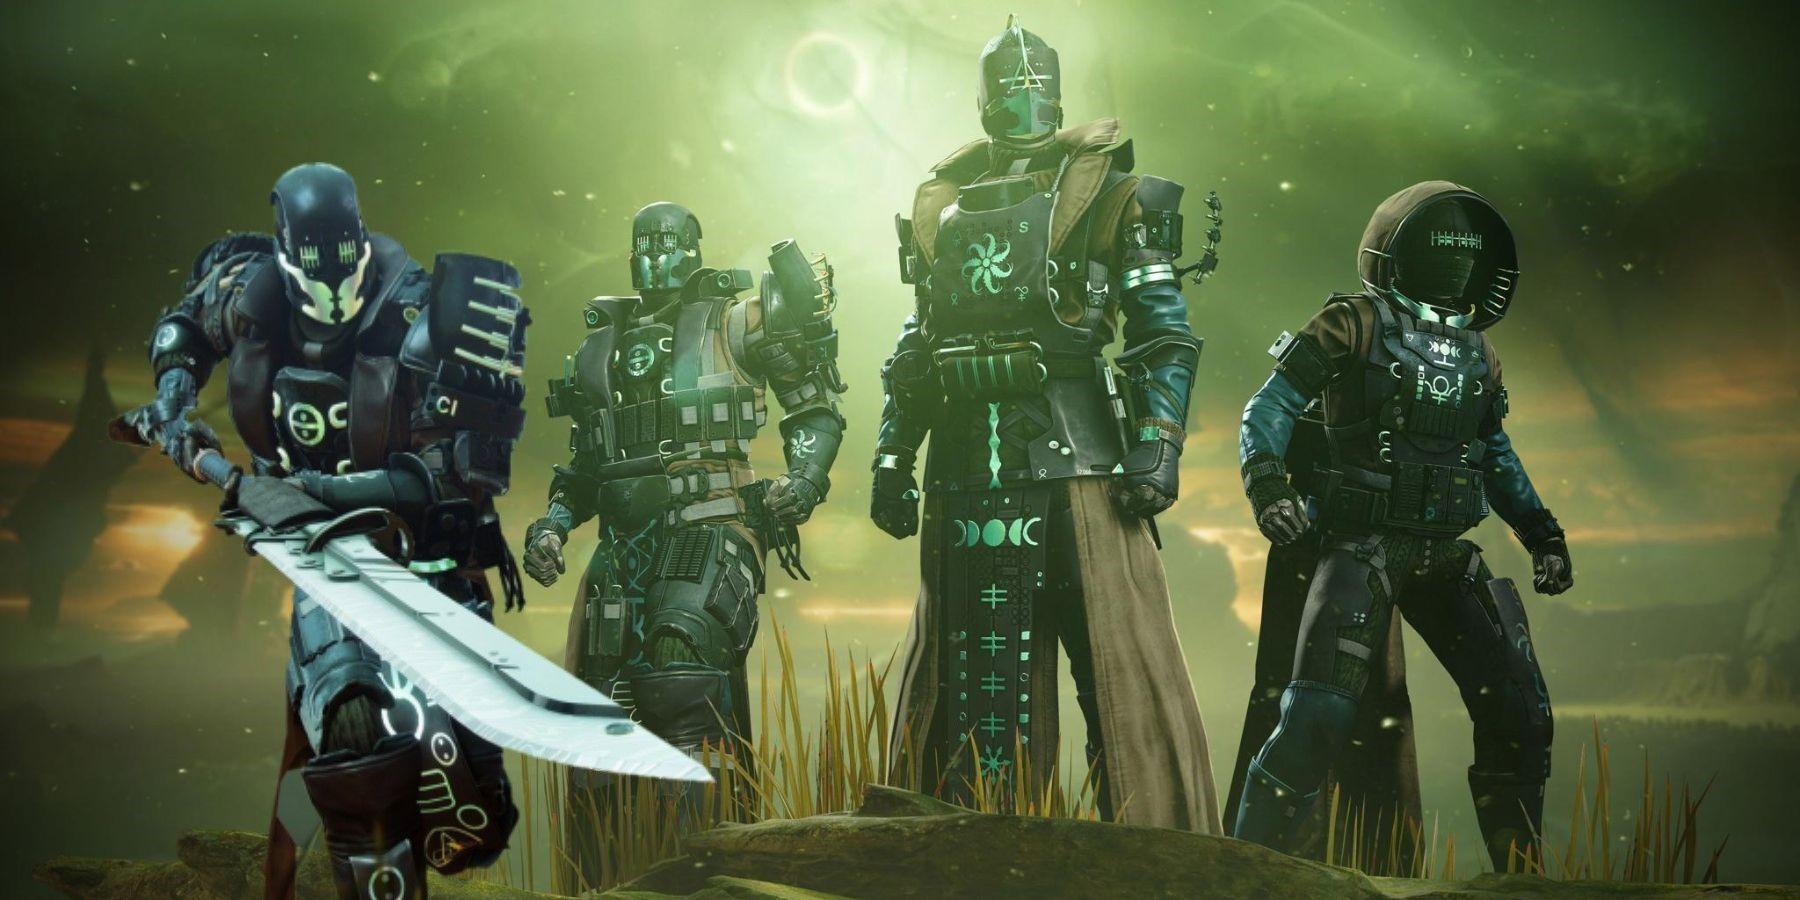 Destiny 2 Crossplay: How to Add Friends